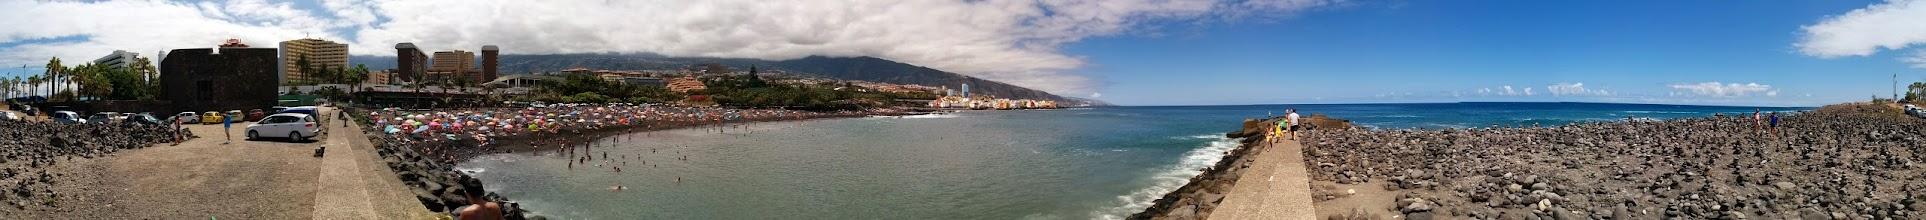 Photo: una panorámica de esta playa con arena volcánica en Puerto de la Cruz